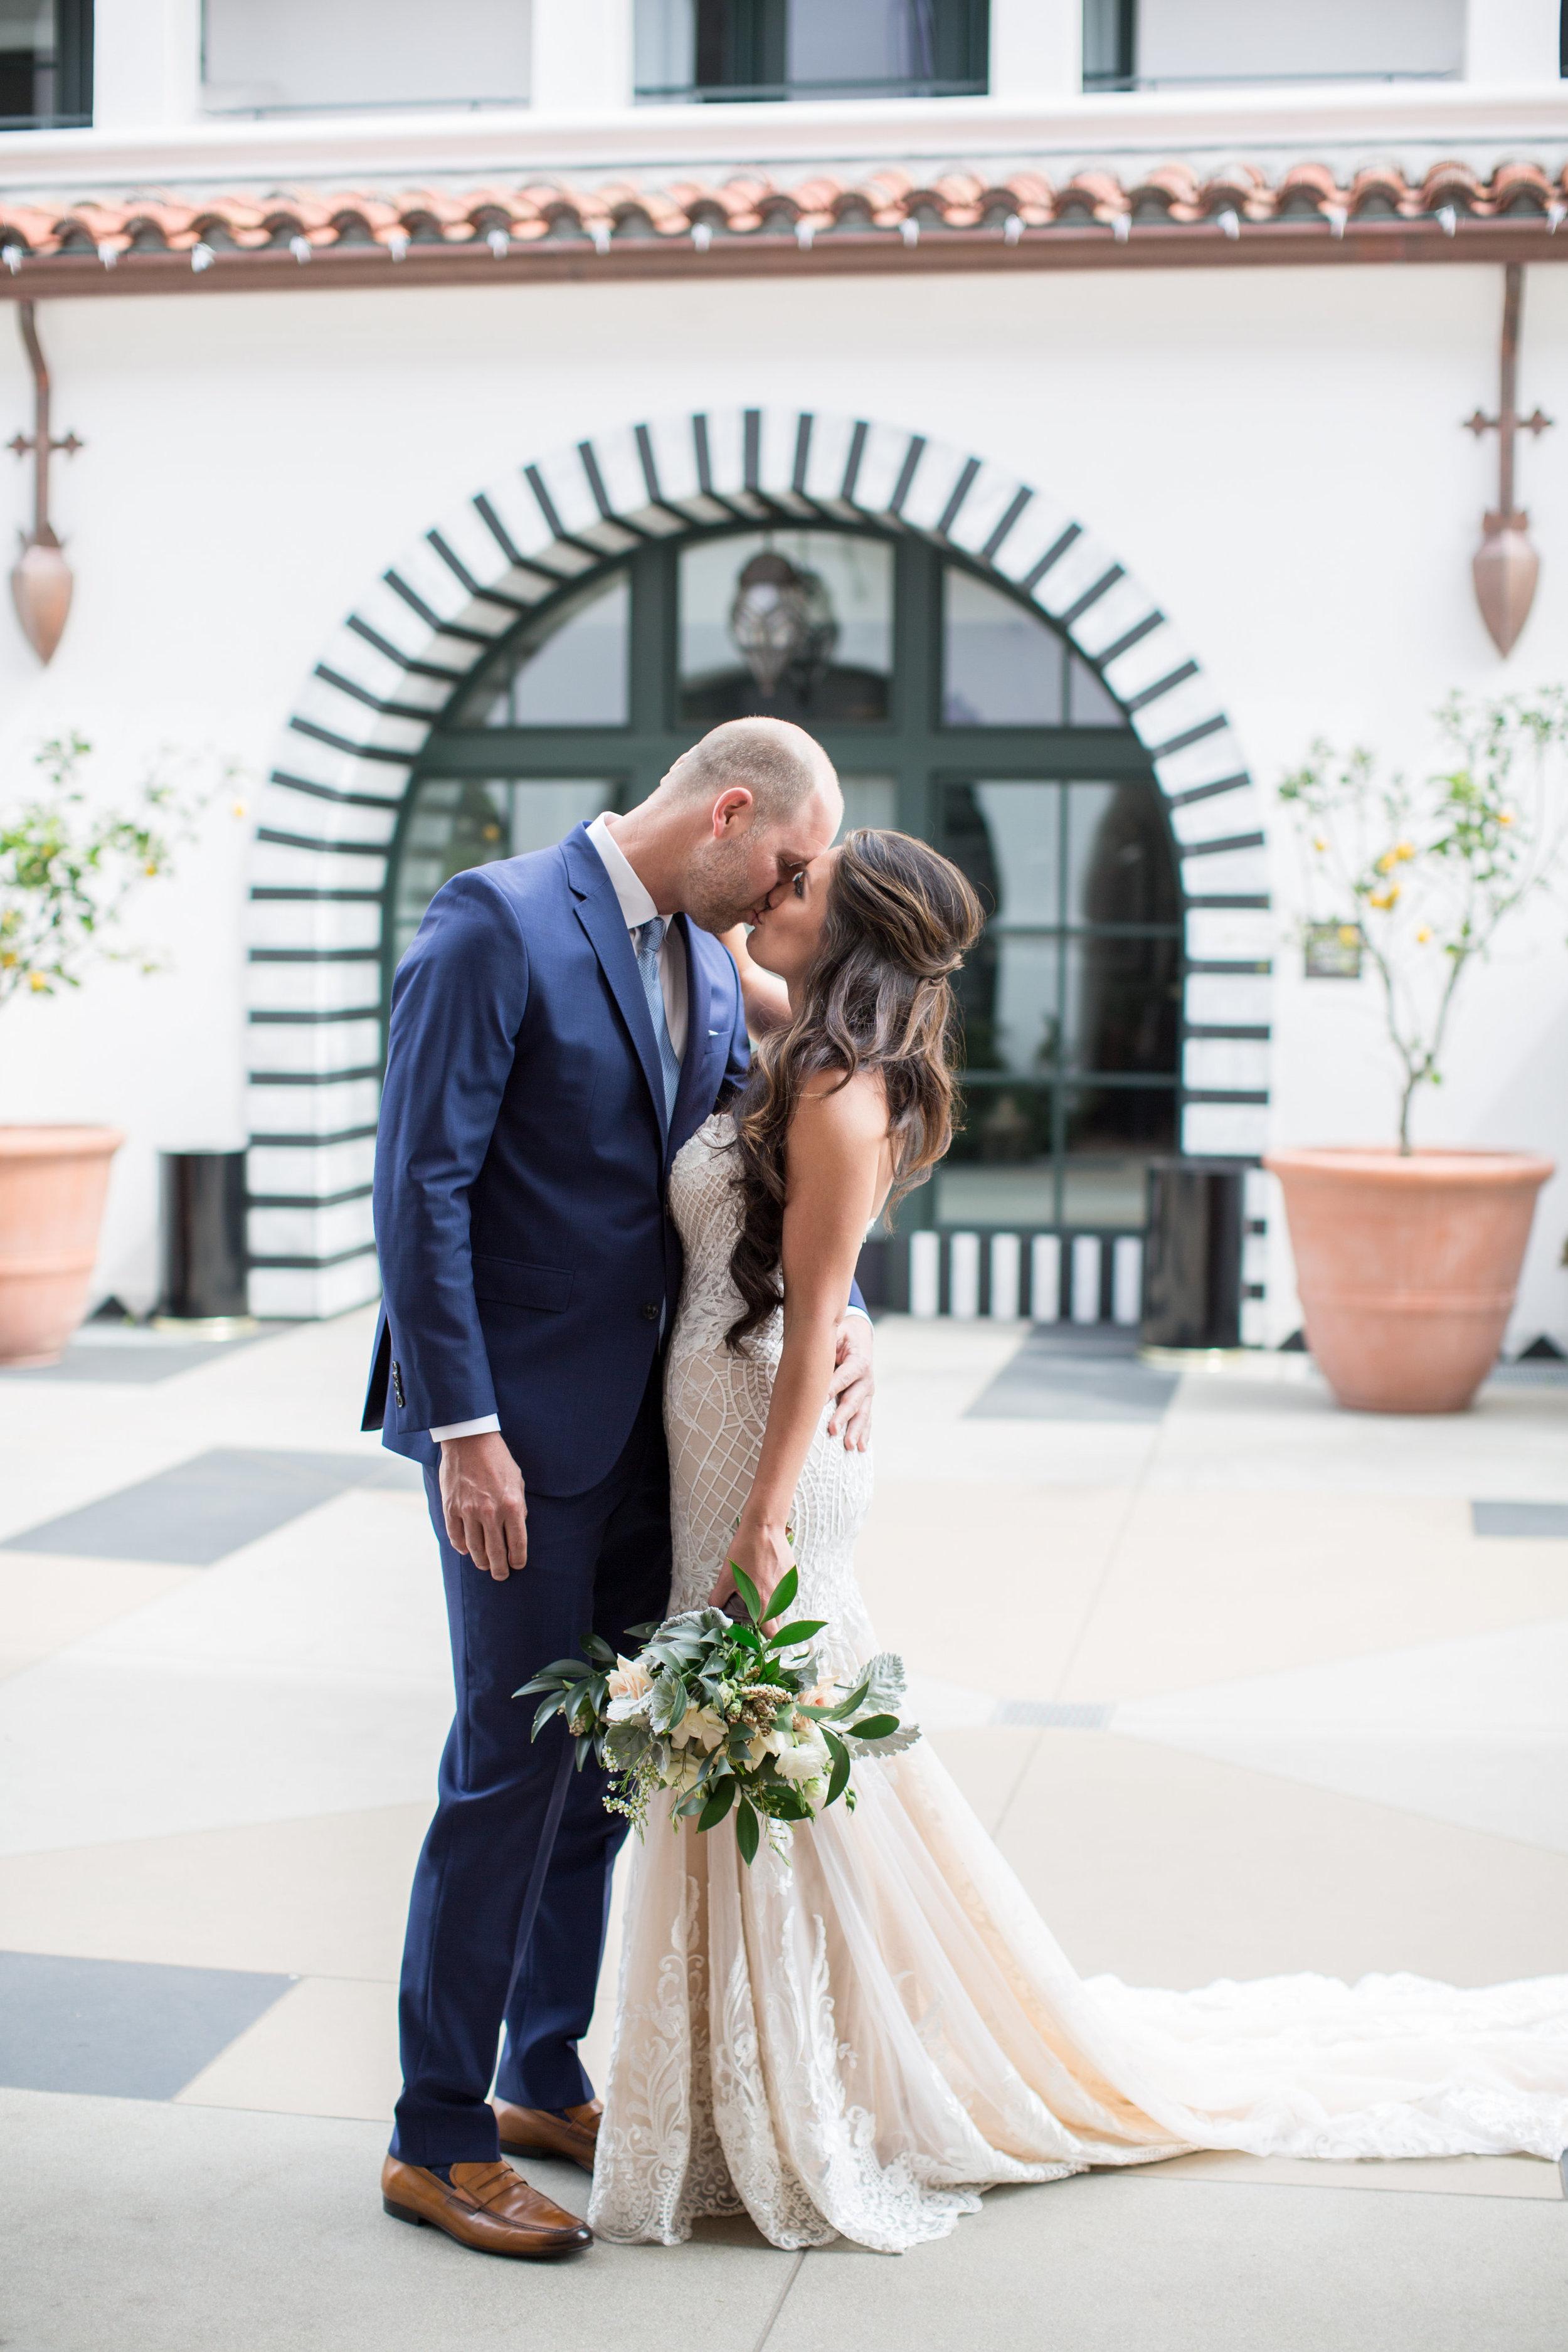 alegria-by-design-wedding-planner-planning-design-event-coordinator-day-of-courthouse-garden-hotel-californian-villa-vine-courtyard (6).jpg